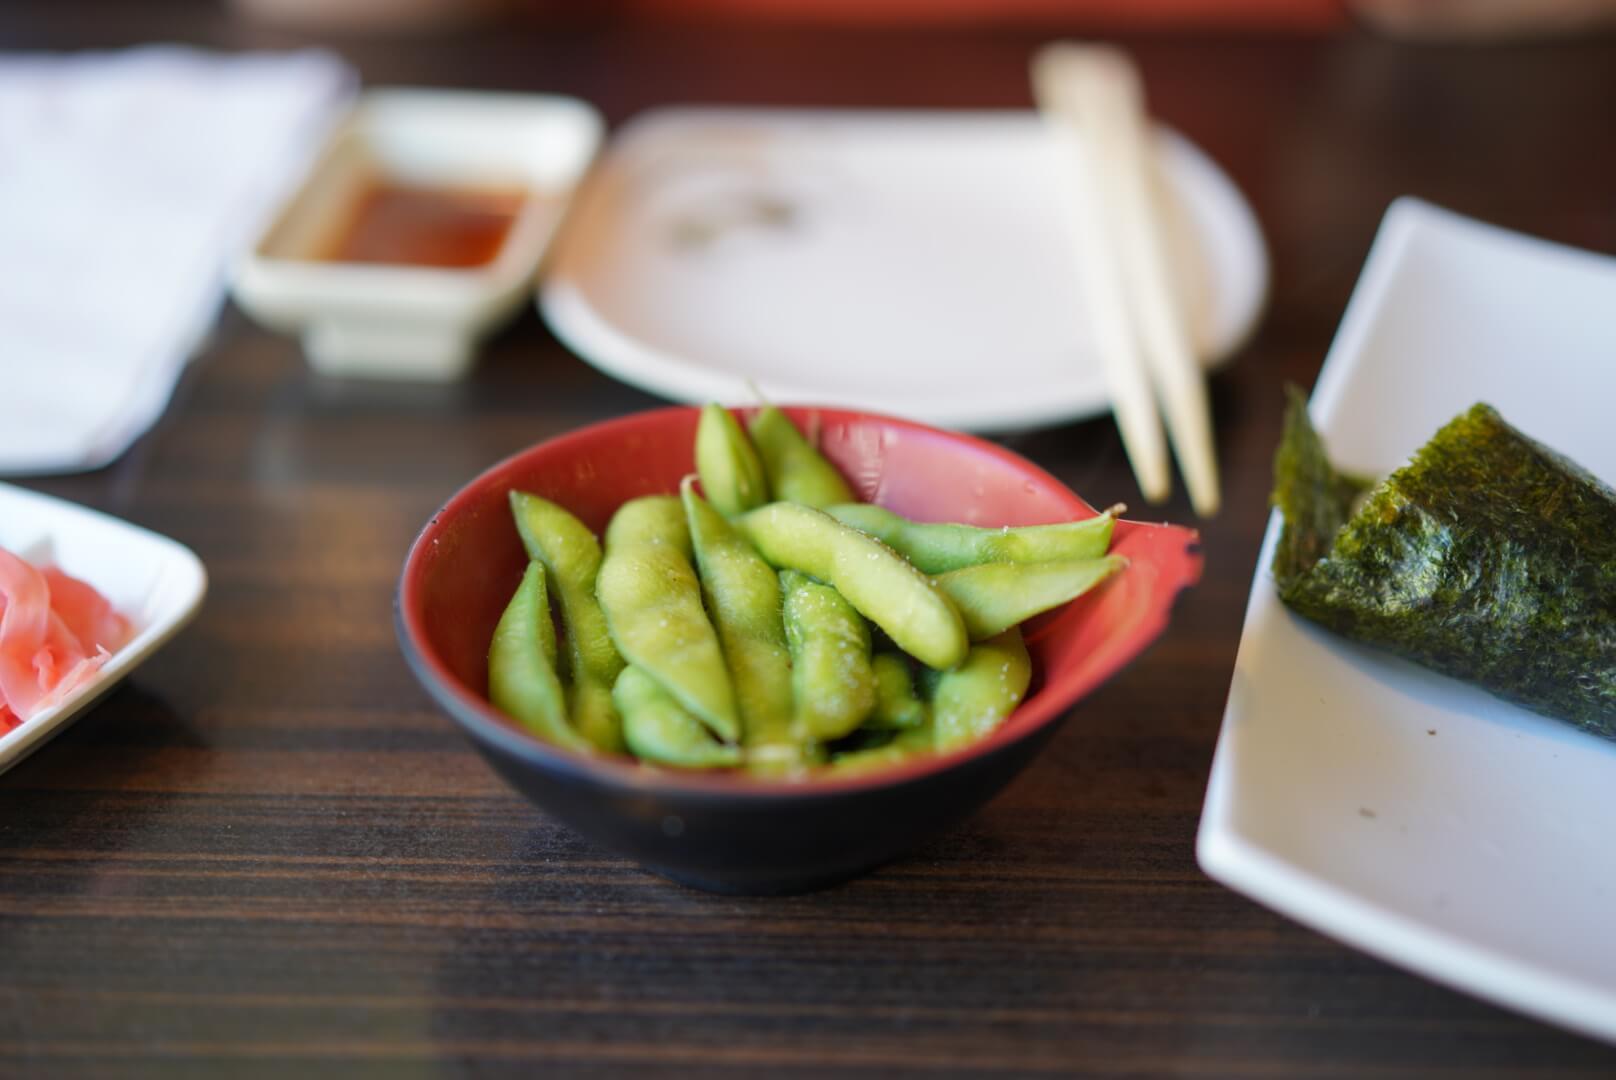 kyoto house sushiの枝豆